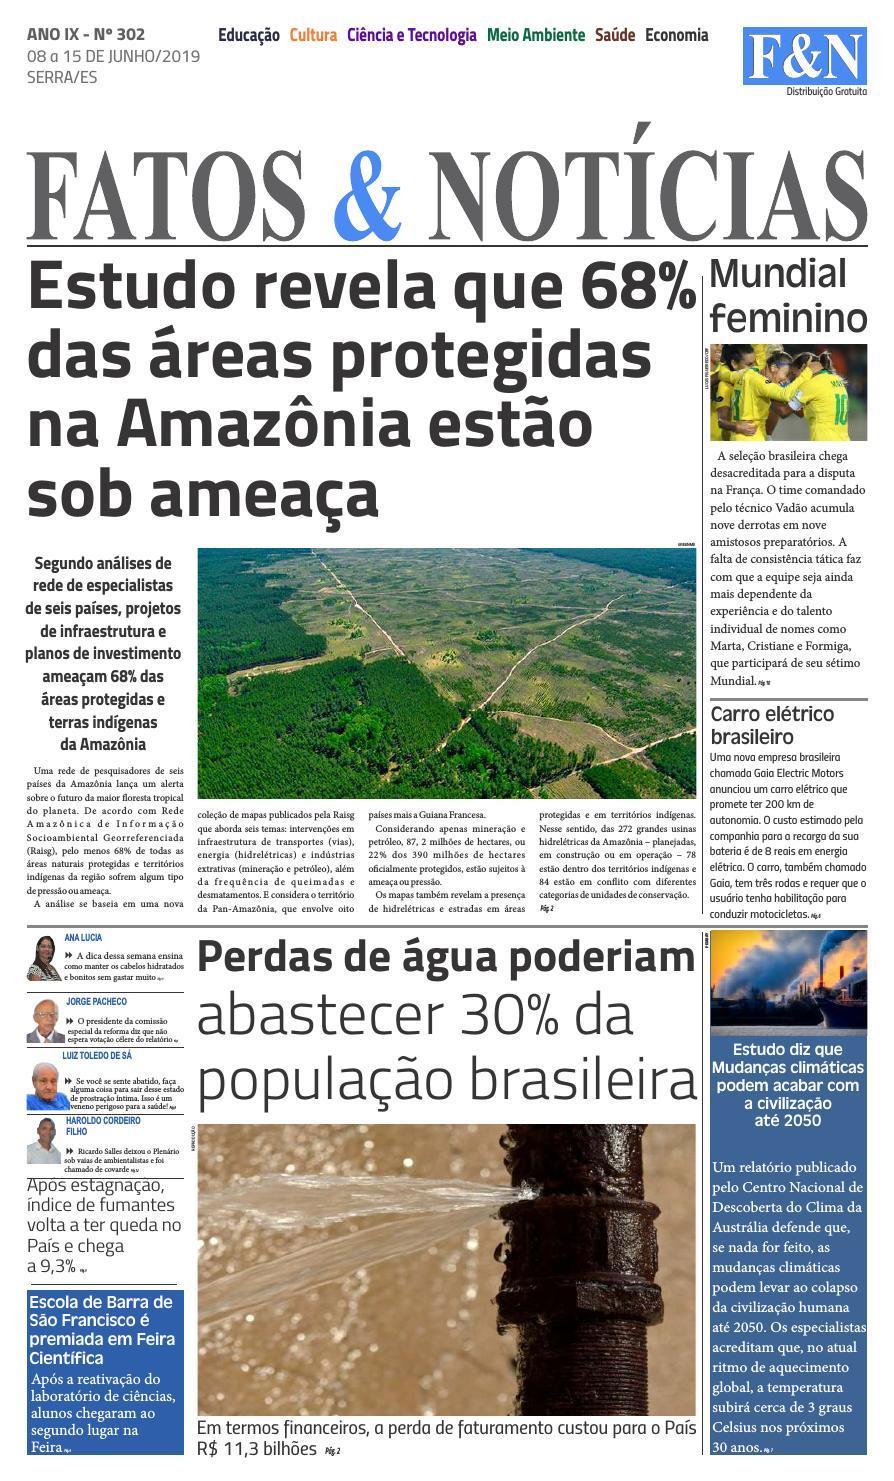 d3f7e320a Jornal Fatos & Notícias Ed. 302 by Jornal Fatos e Noticias - issuu